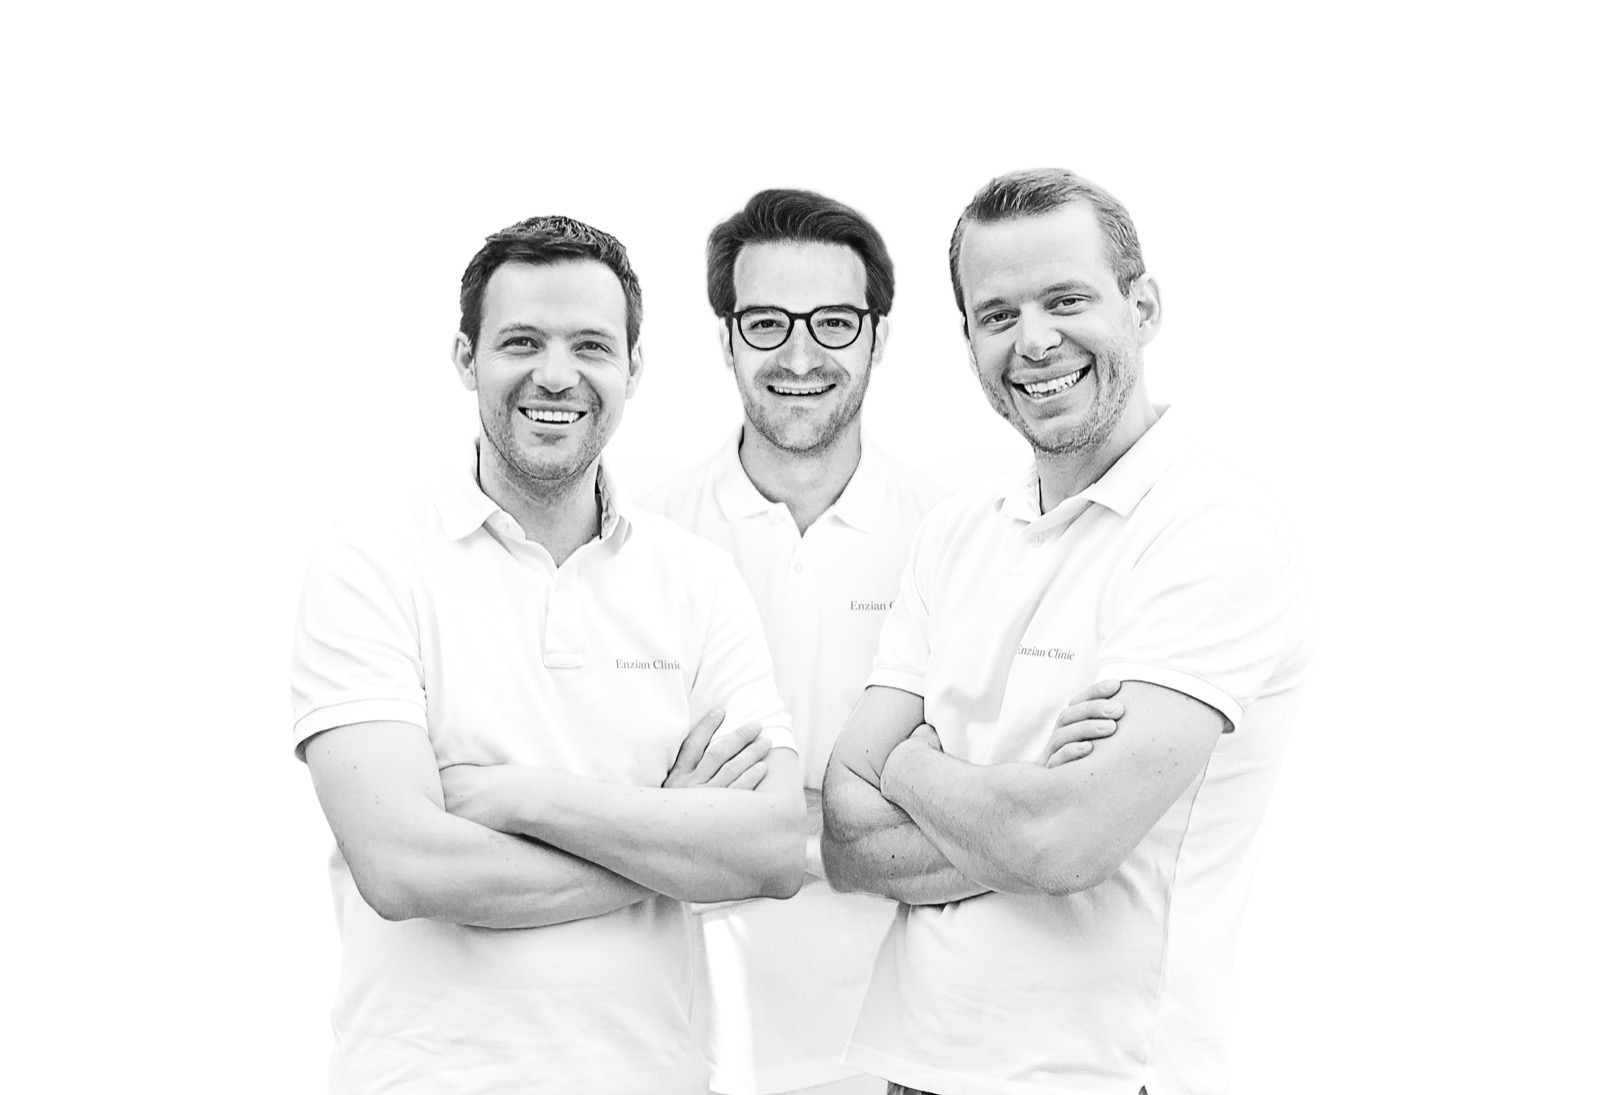 Enzian Clinic Pfeifle-Werz Metzingen Zahnchirurgie-Schönheitschirurgie-angstfreie Zahnbehandlung-Lidstraffung